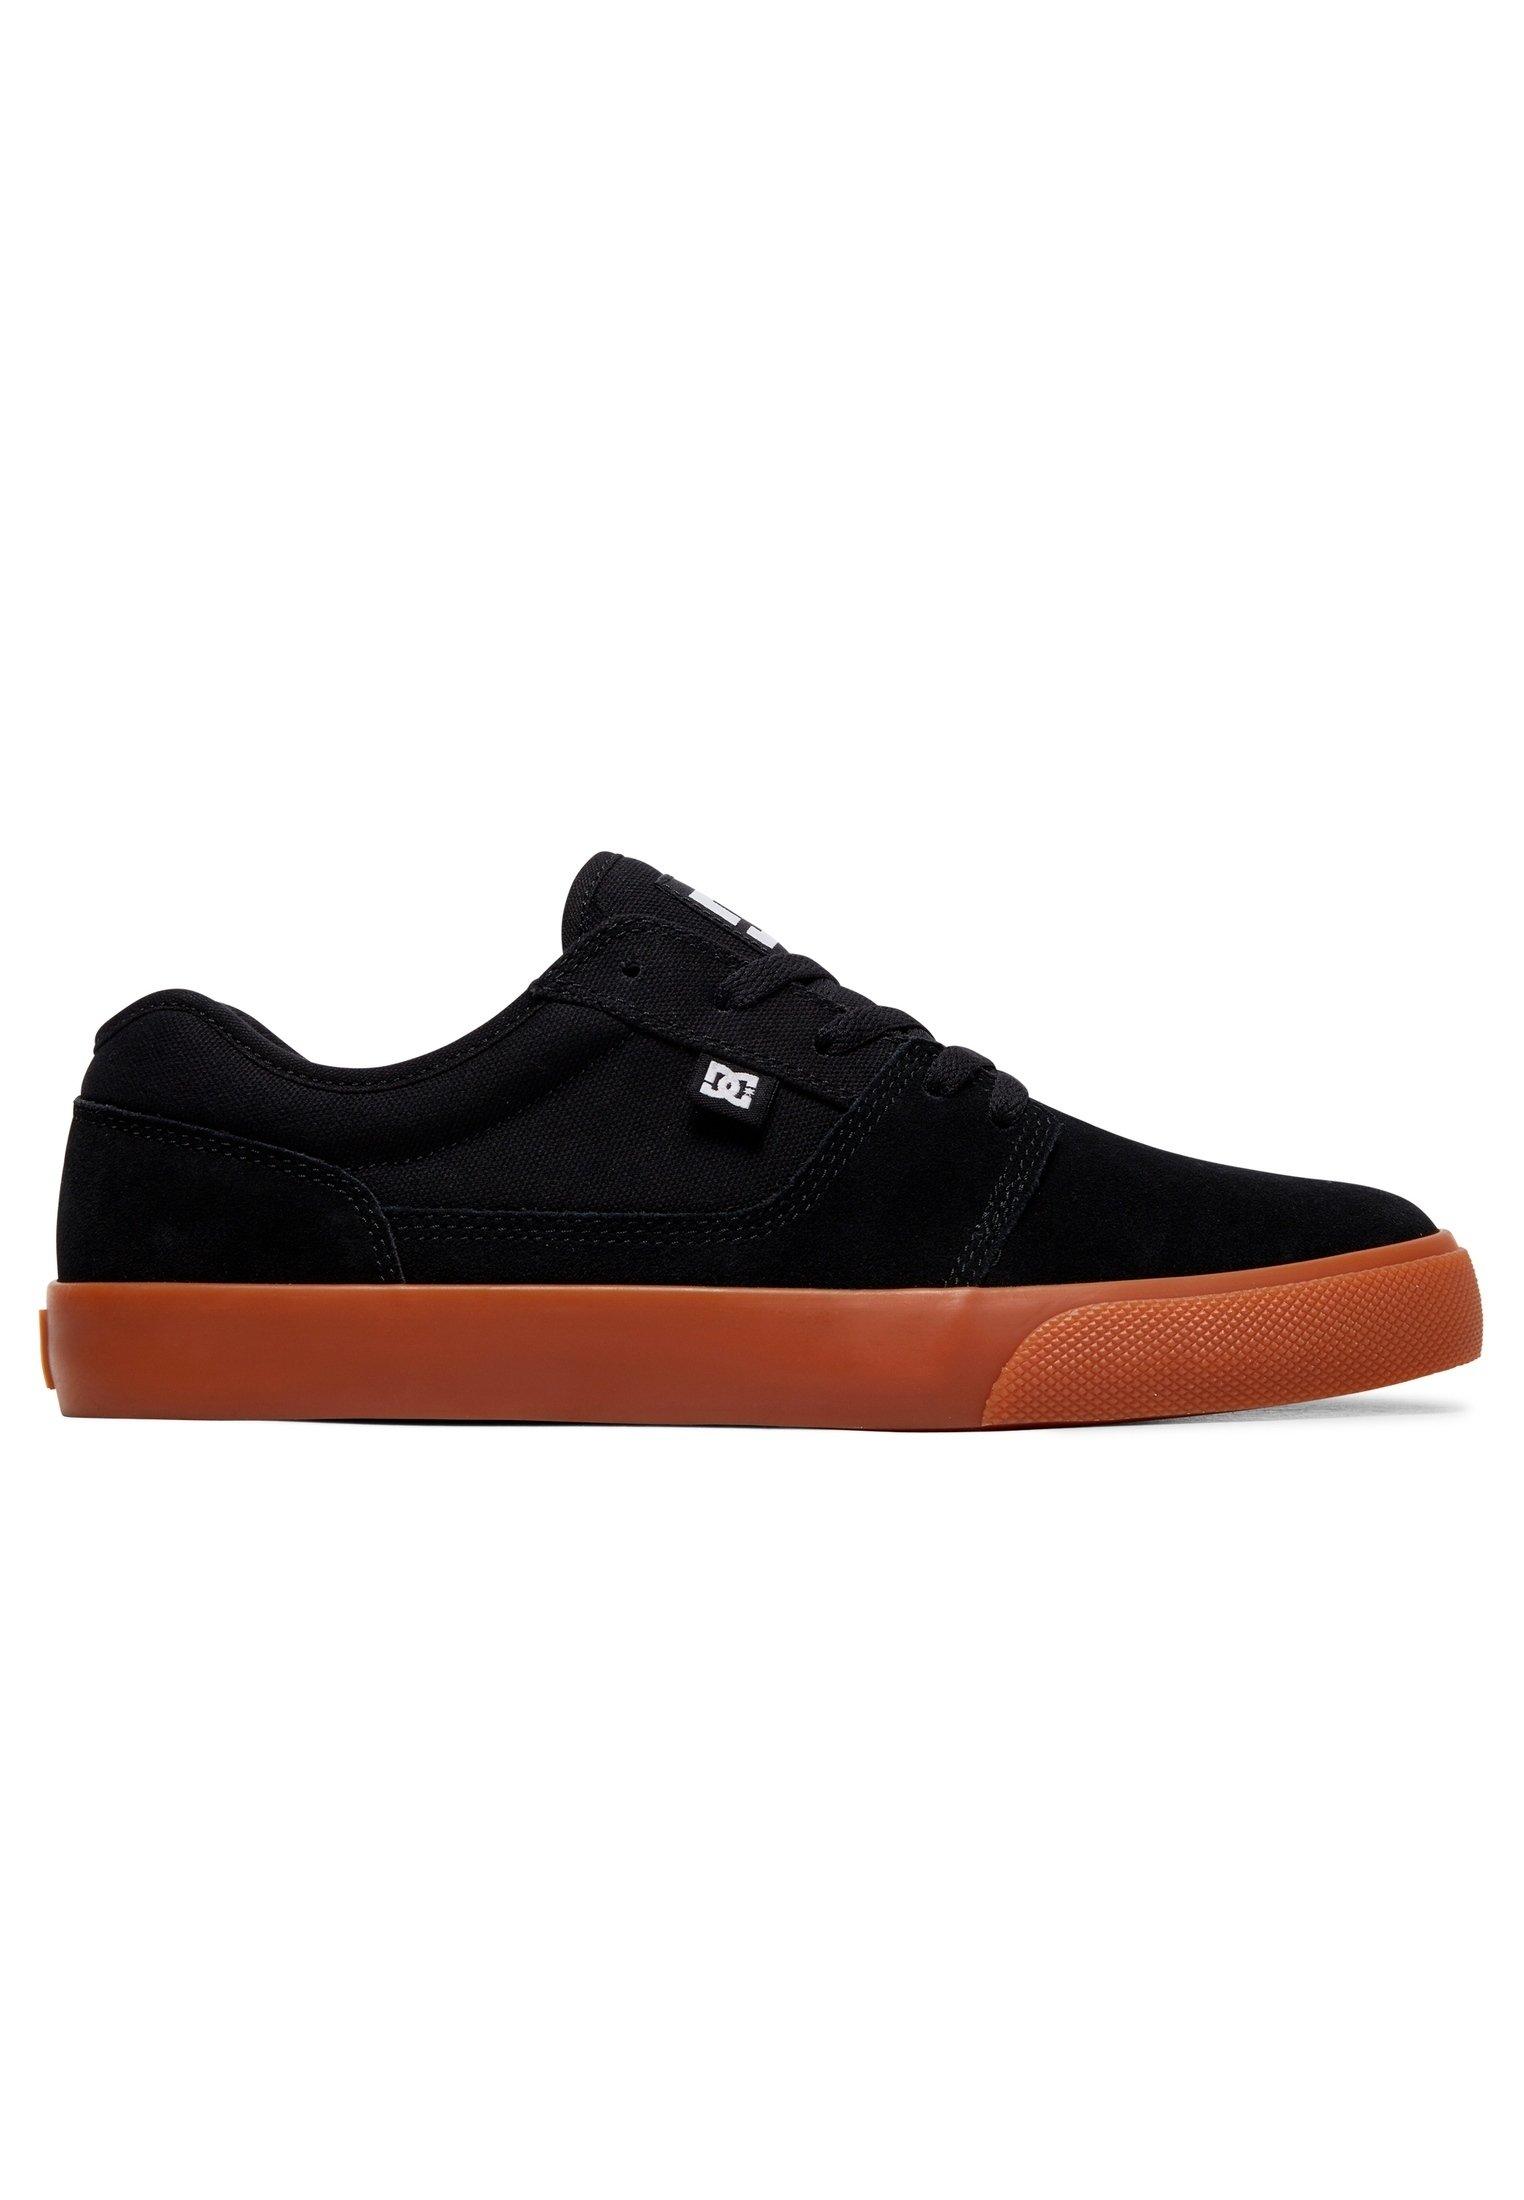 DC Shoes TONIK - Baskets basses - black/black/gum - Sneakers femme Original